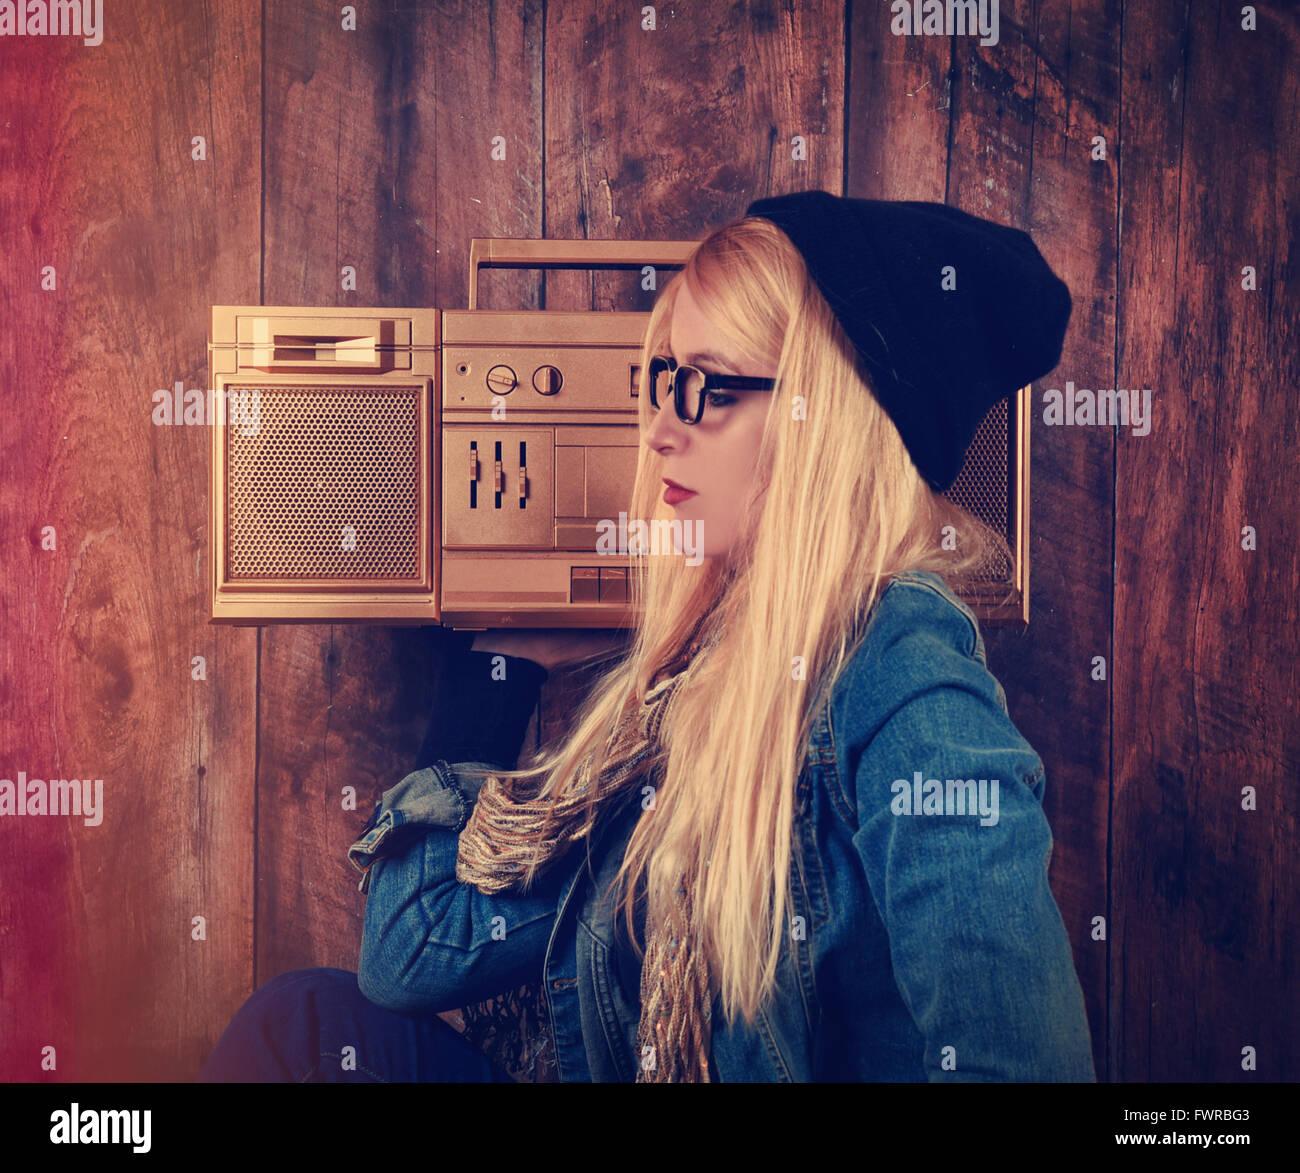 Eine Hipster-Mädchen mit Brille ist ein Vintage gold Boombox mit einem Lautsprecher für ein Musik-Entertainment Stockbild